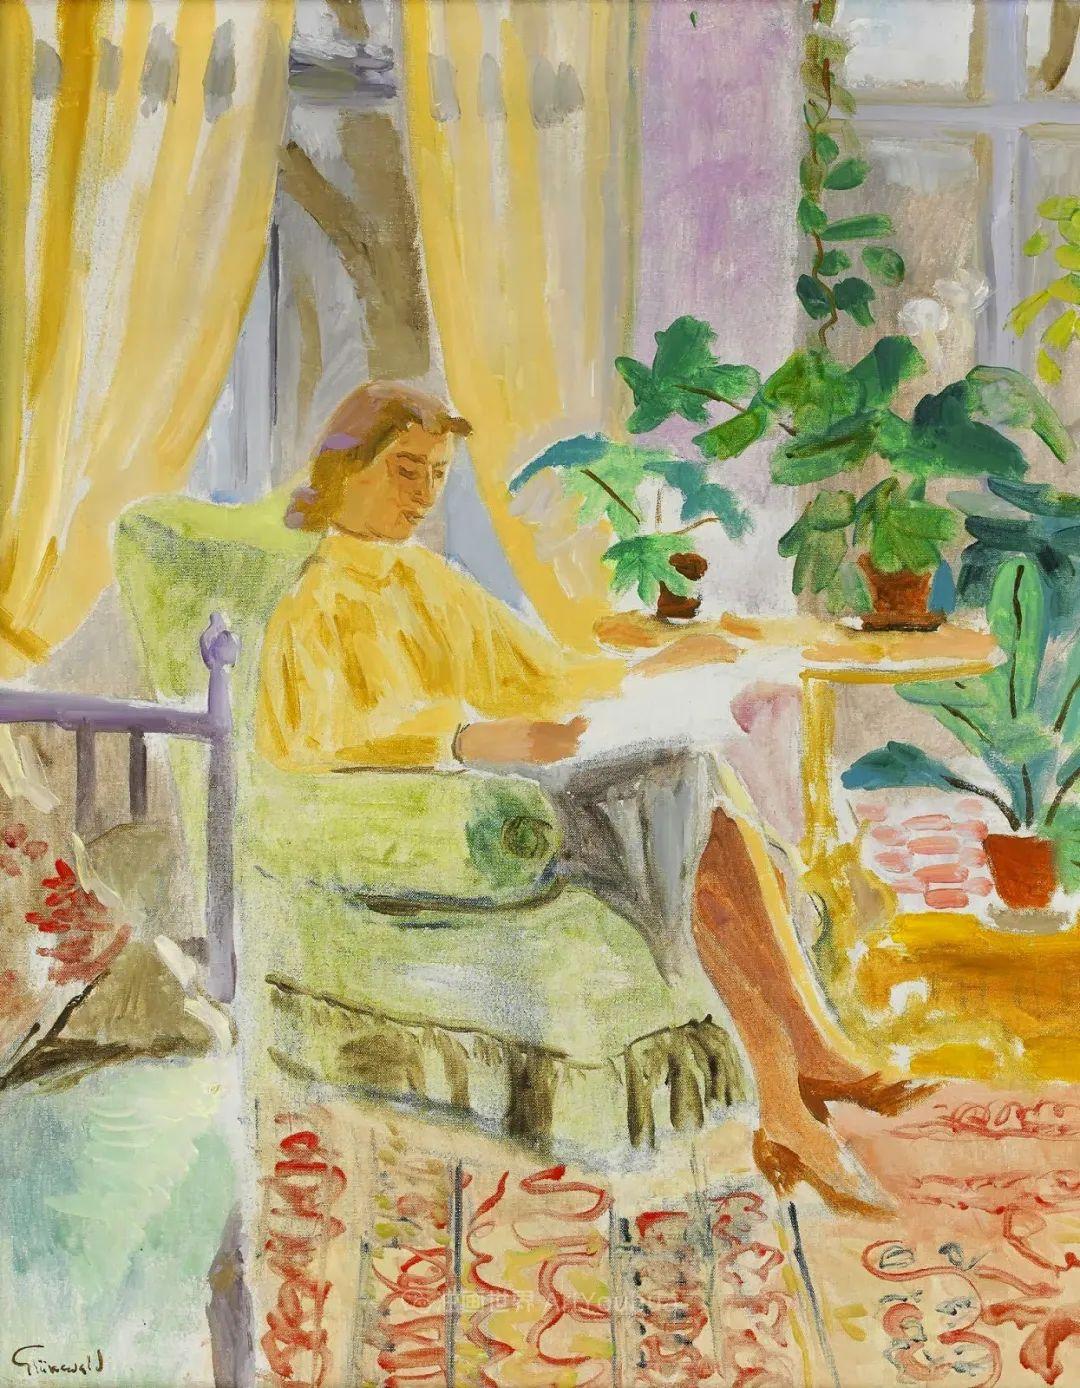 表现主义的色彩与笔触,第一代瑞典现代主义领军人物插图96